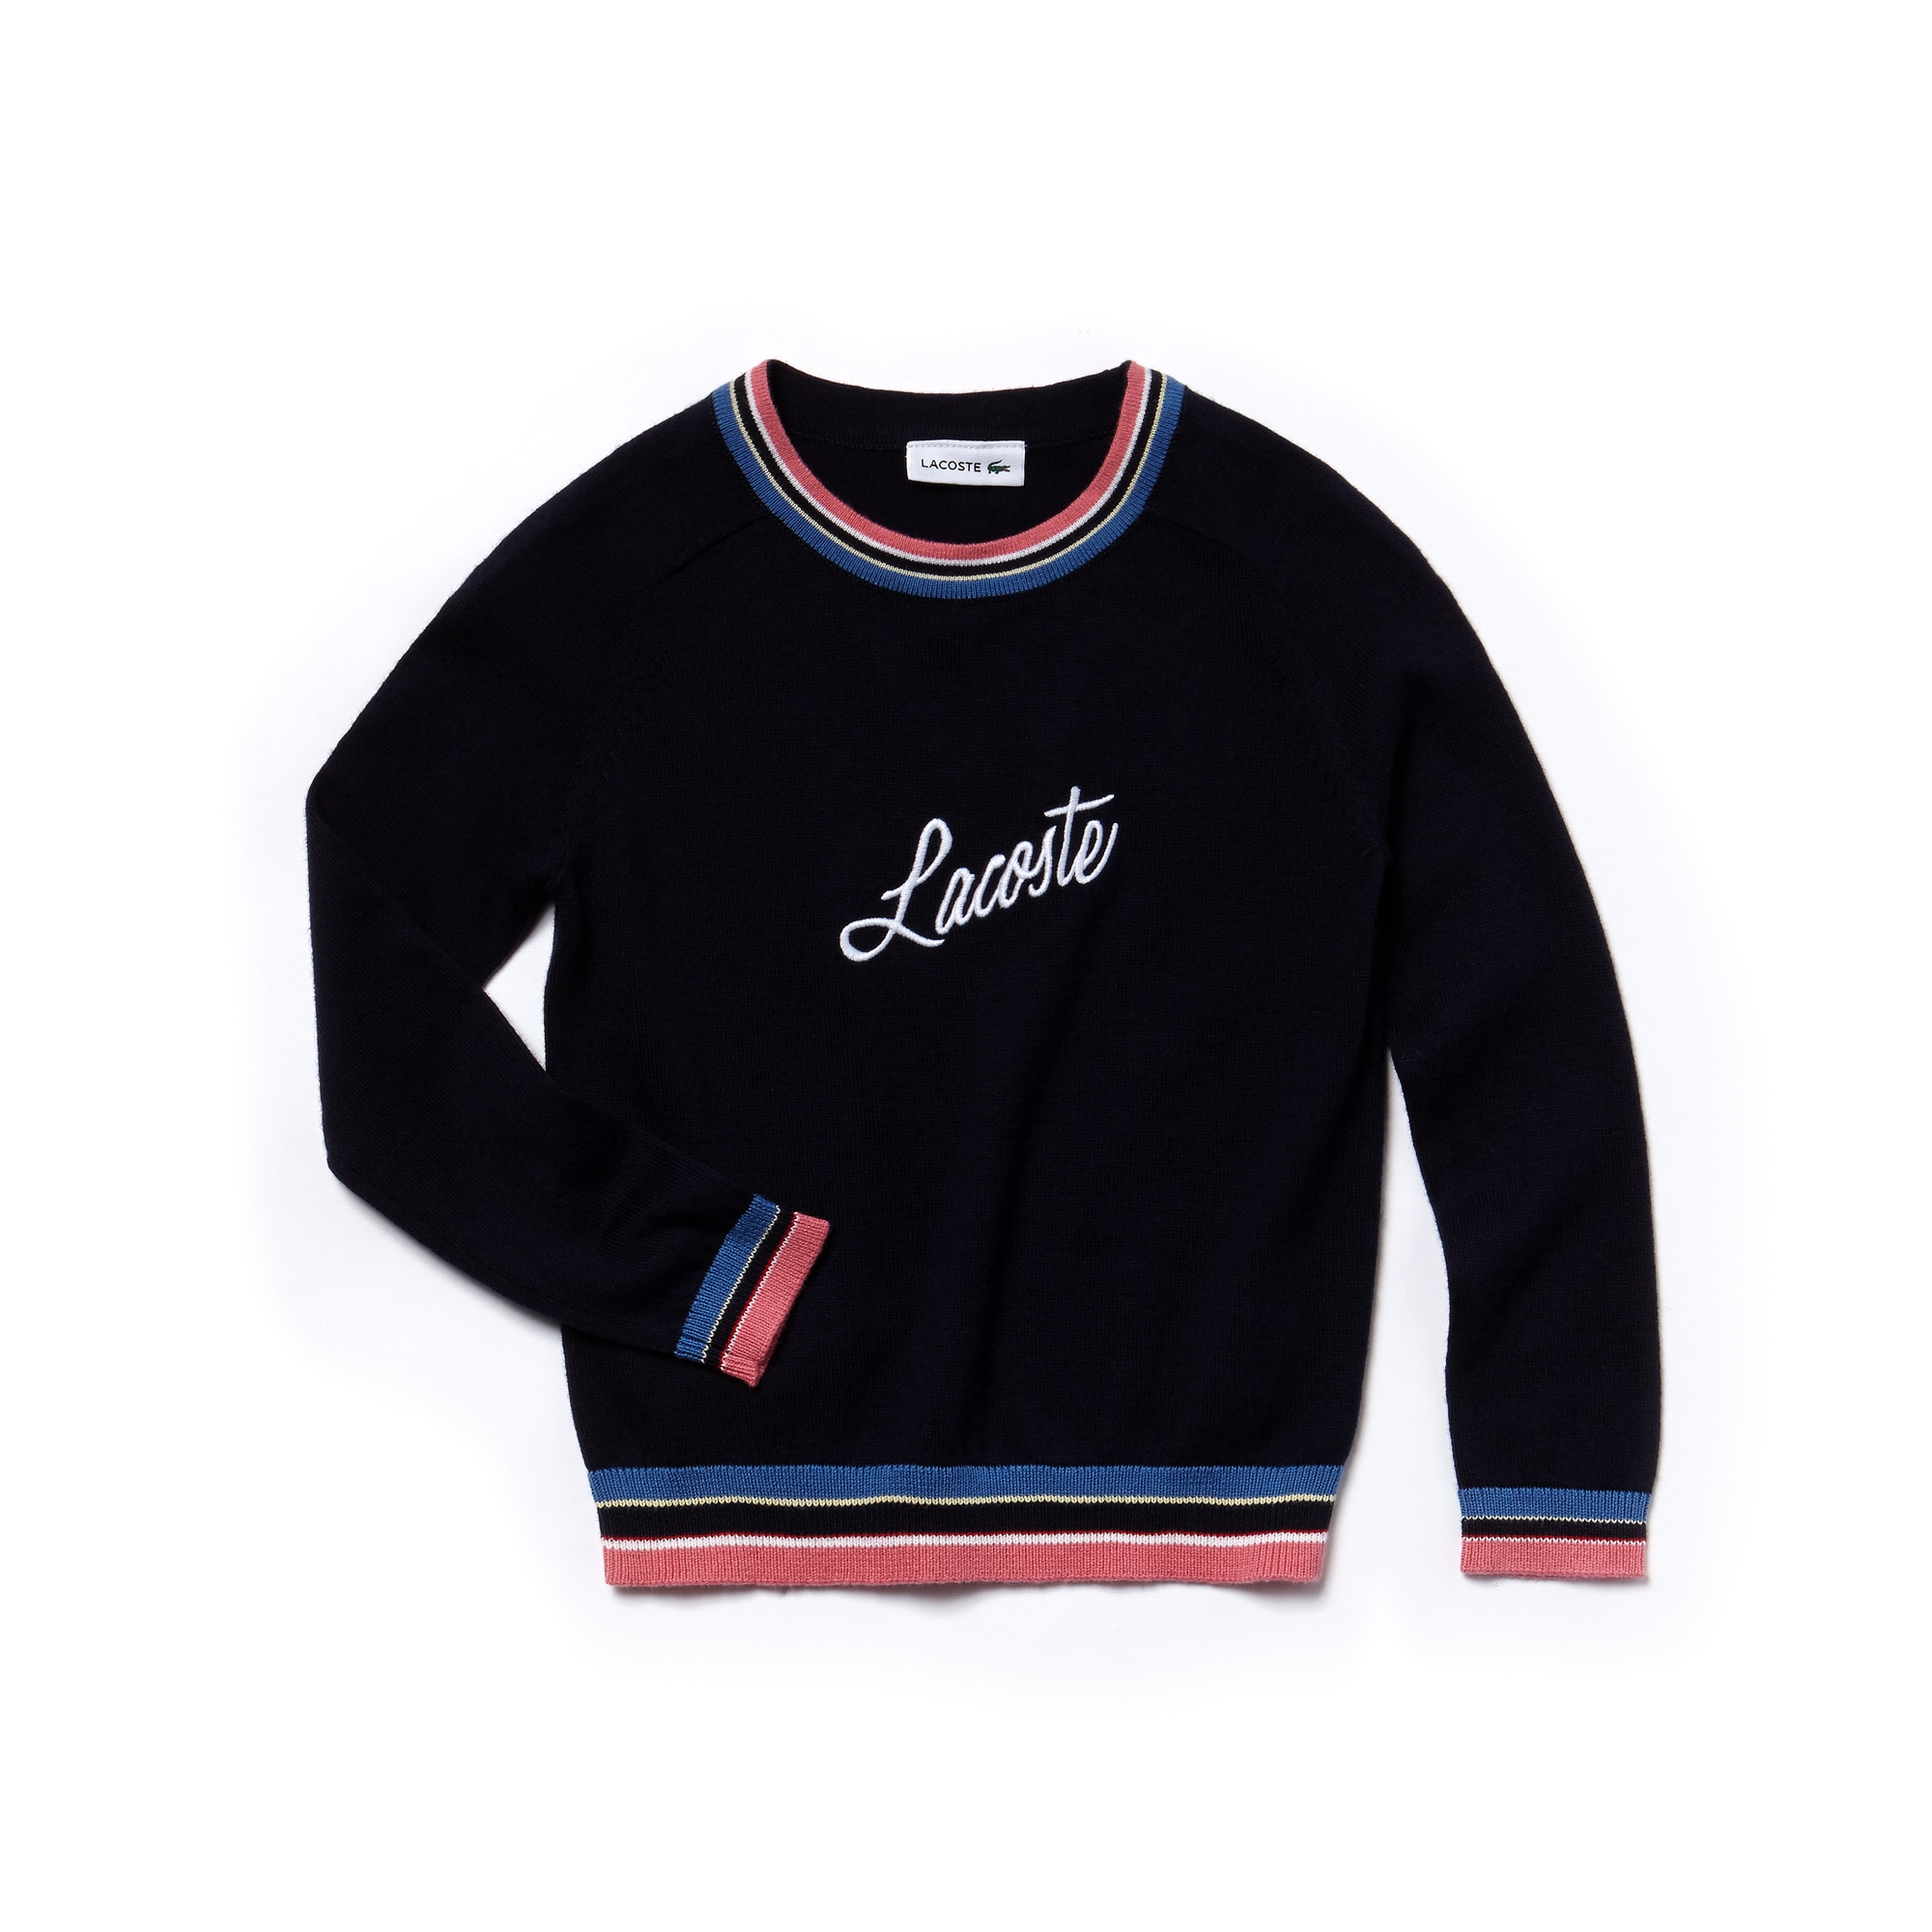 Camisola decote redondo Menina em jersey com bordado LACOSTE